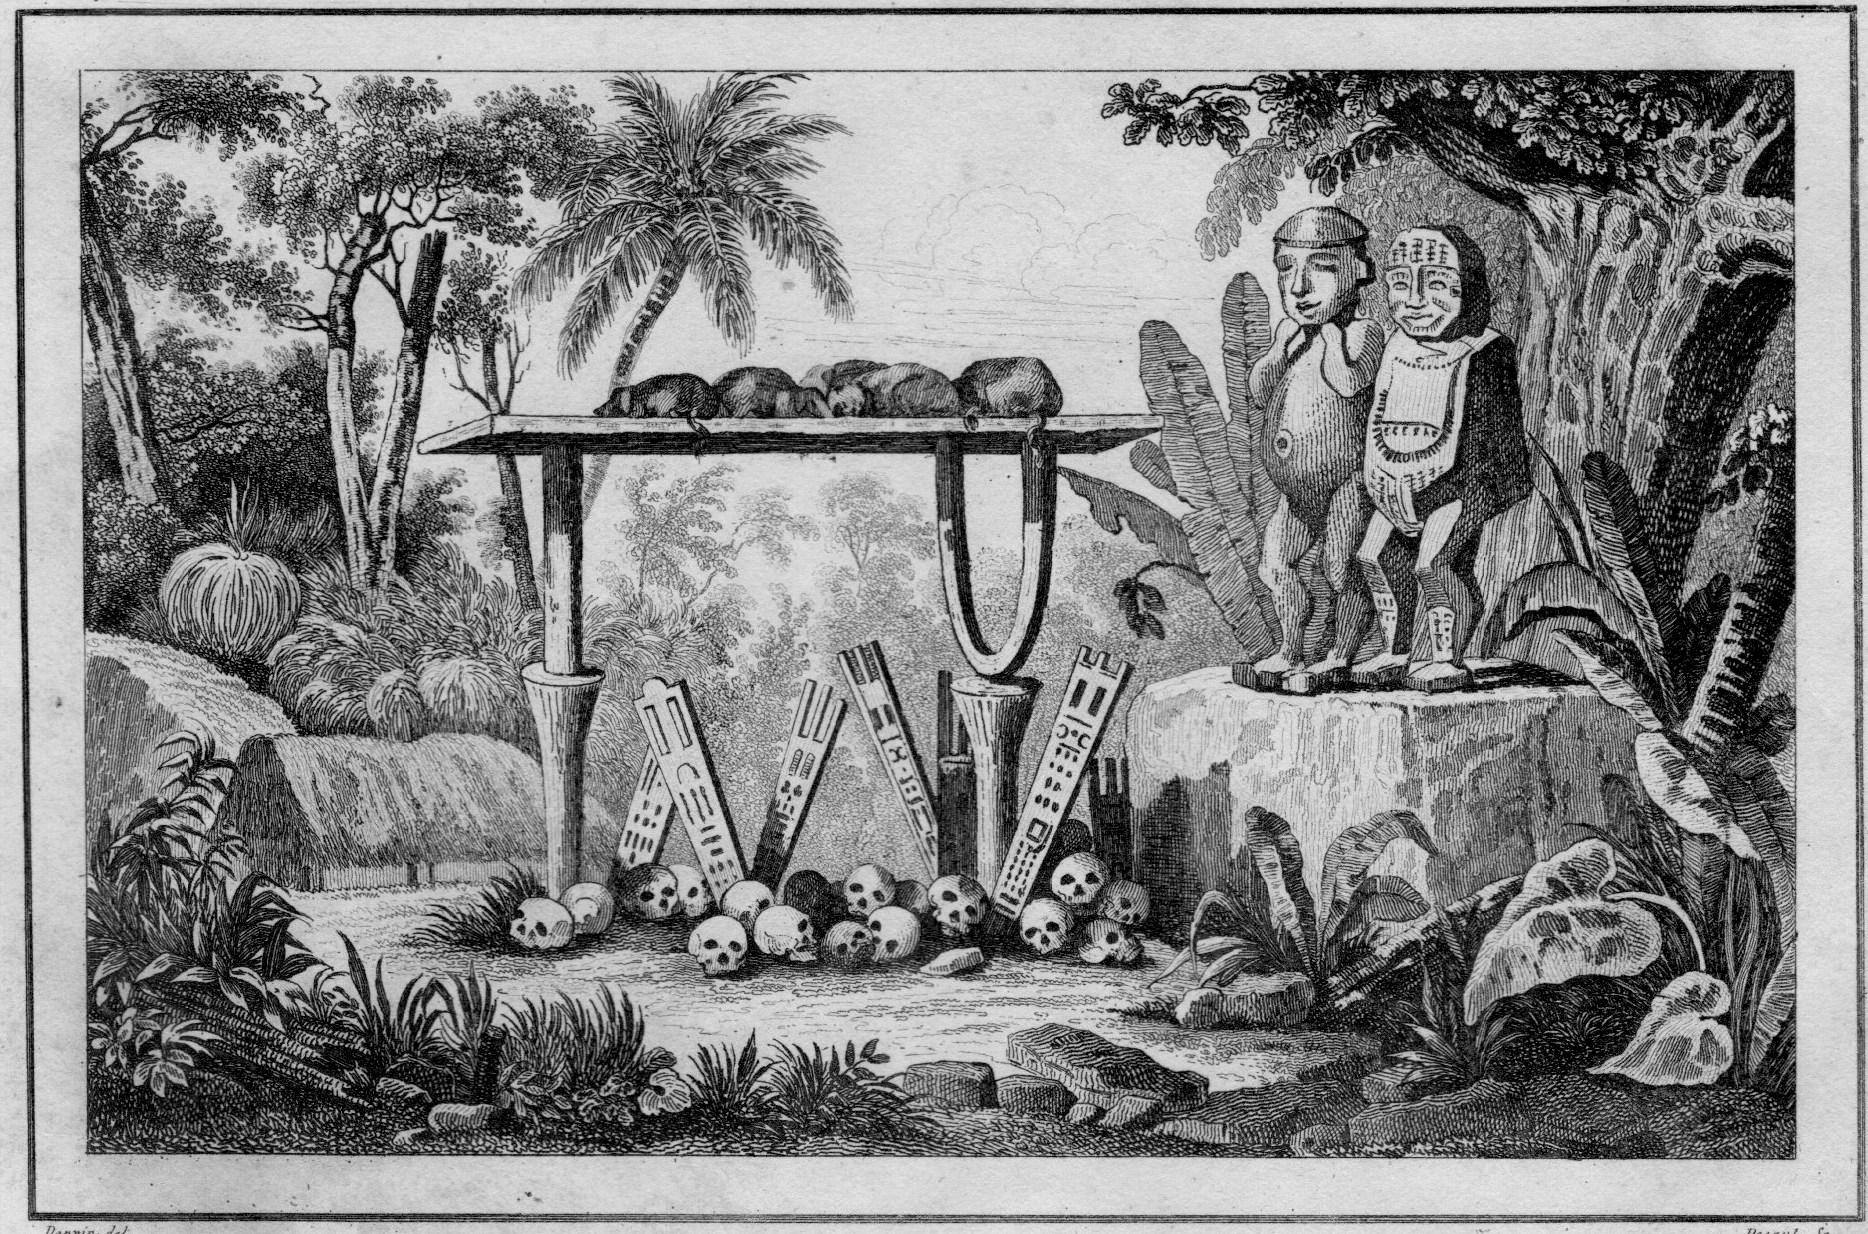 En Polynésie, la pratique des sacrifices humains était très répandue, mais très souvent les premiers explorateurs firent un amalgame et une confusion entre certains rites certes cruels et le cannibalisme.